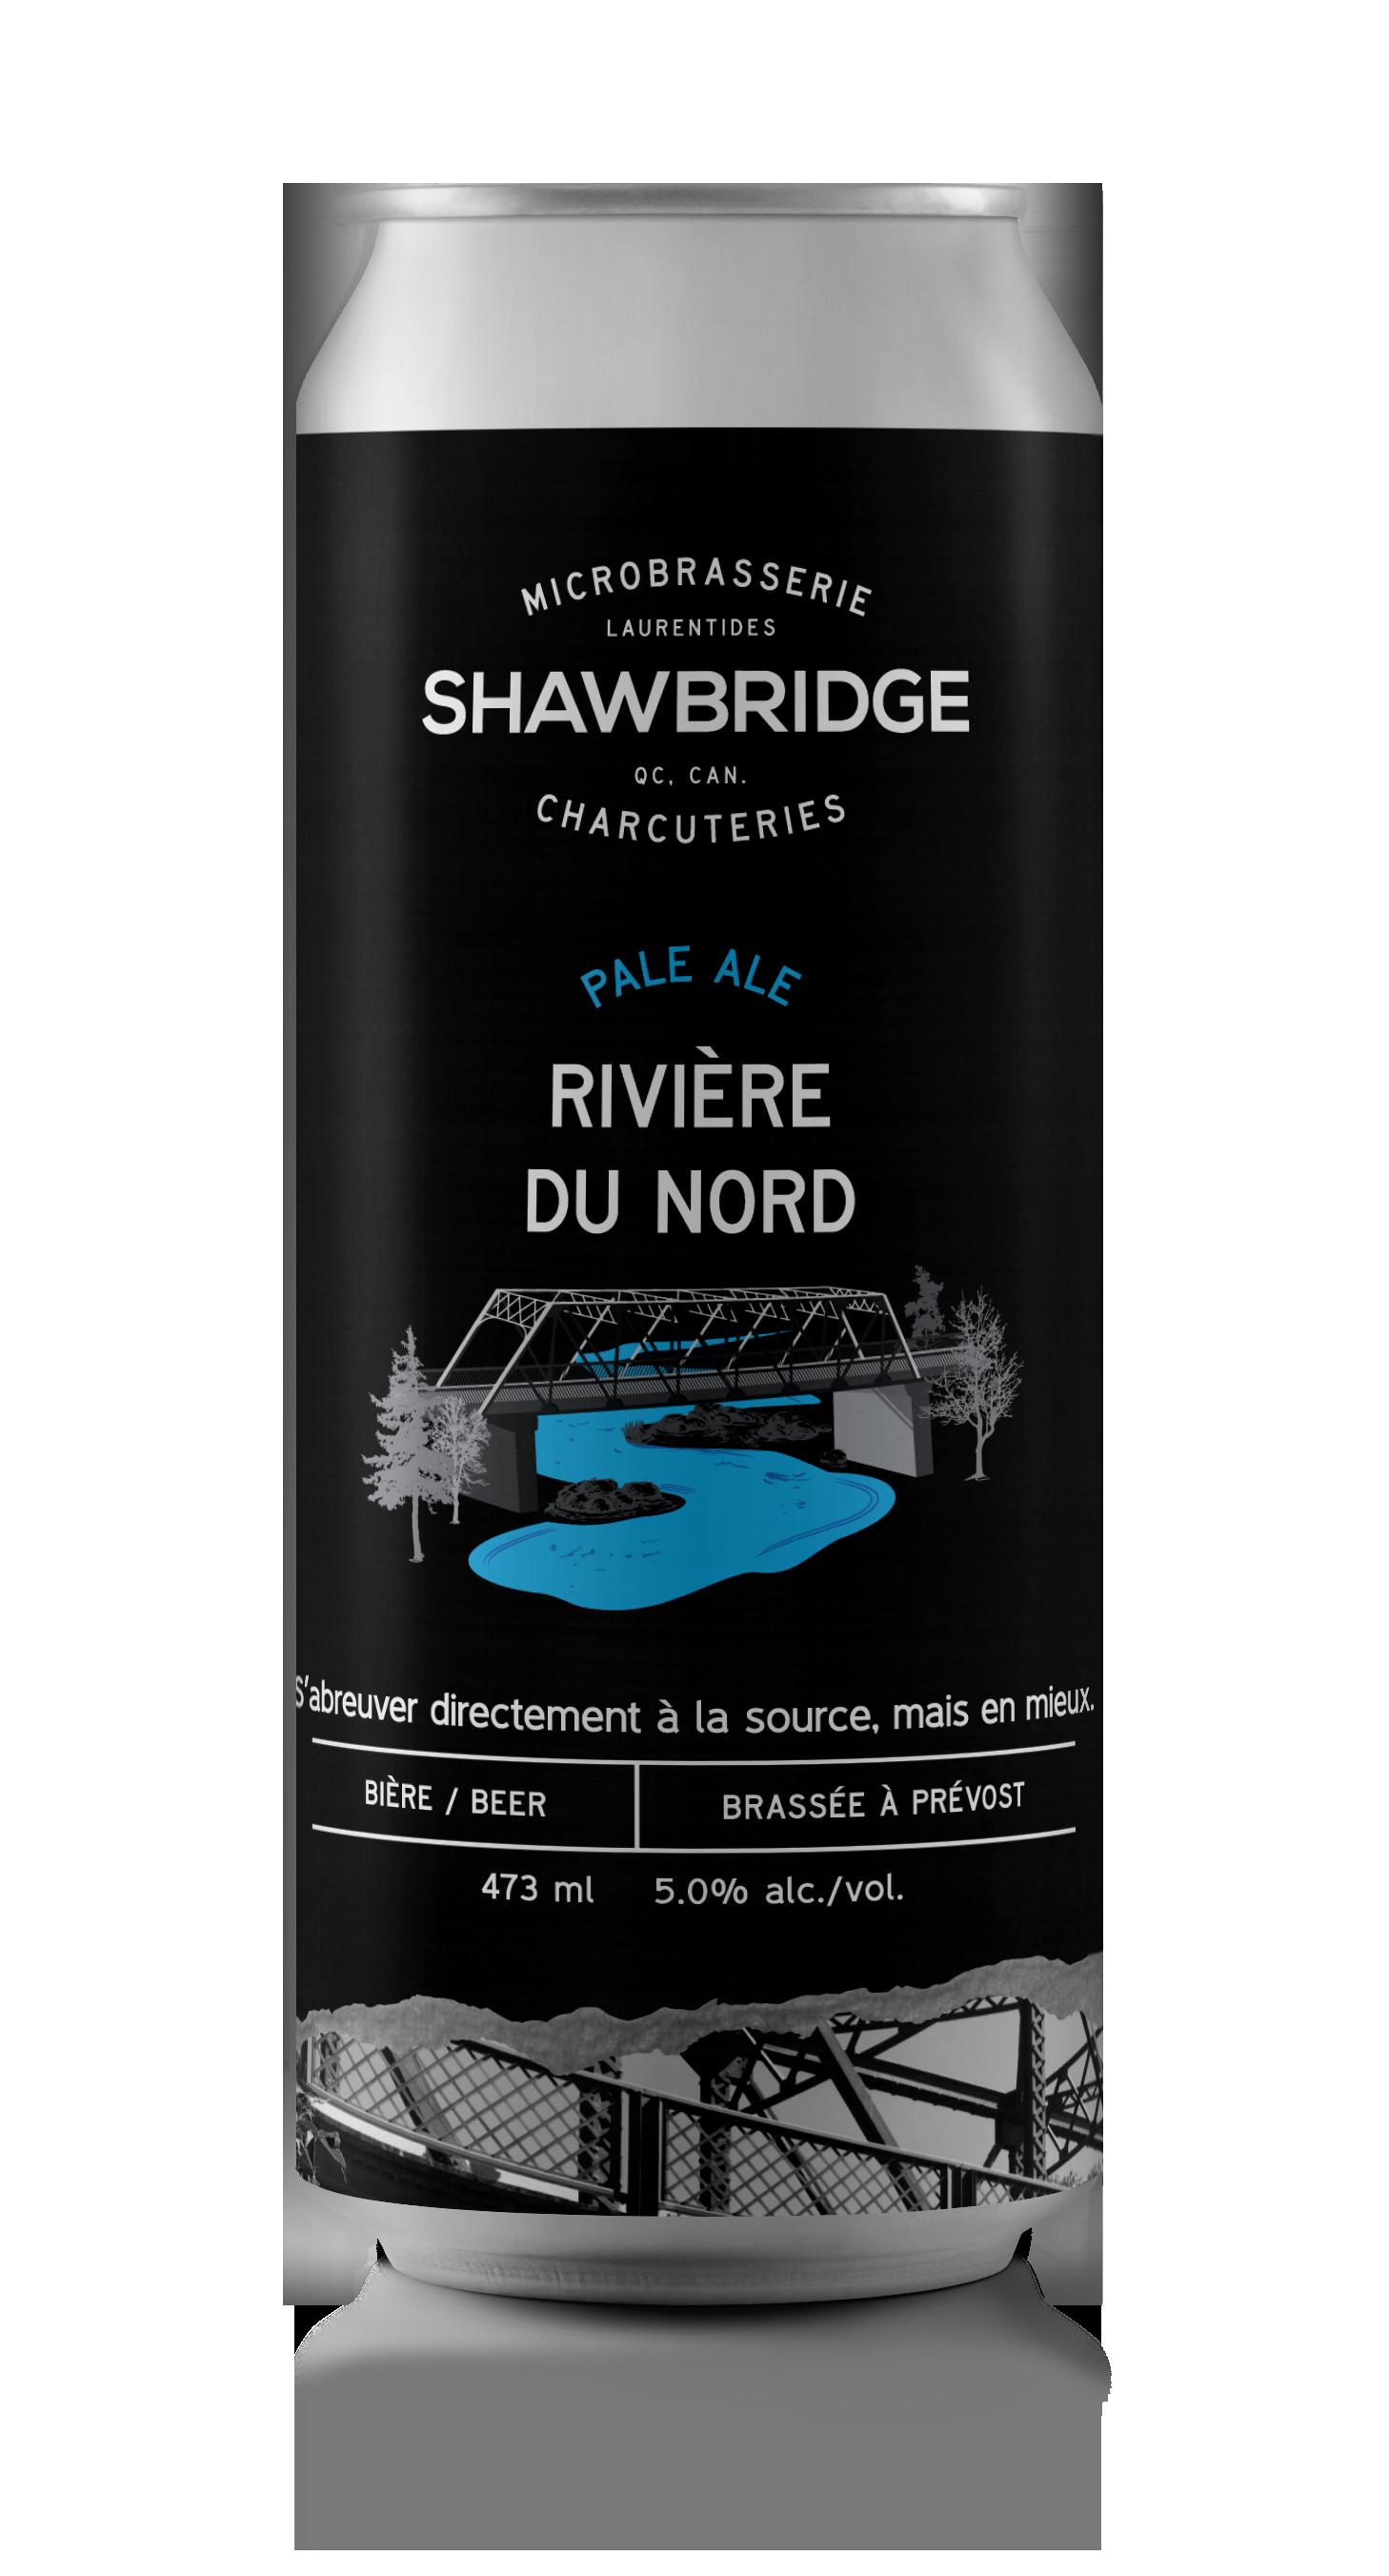 Bière Rivière du Nord Shawbridge